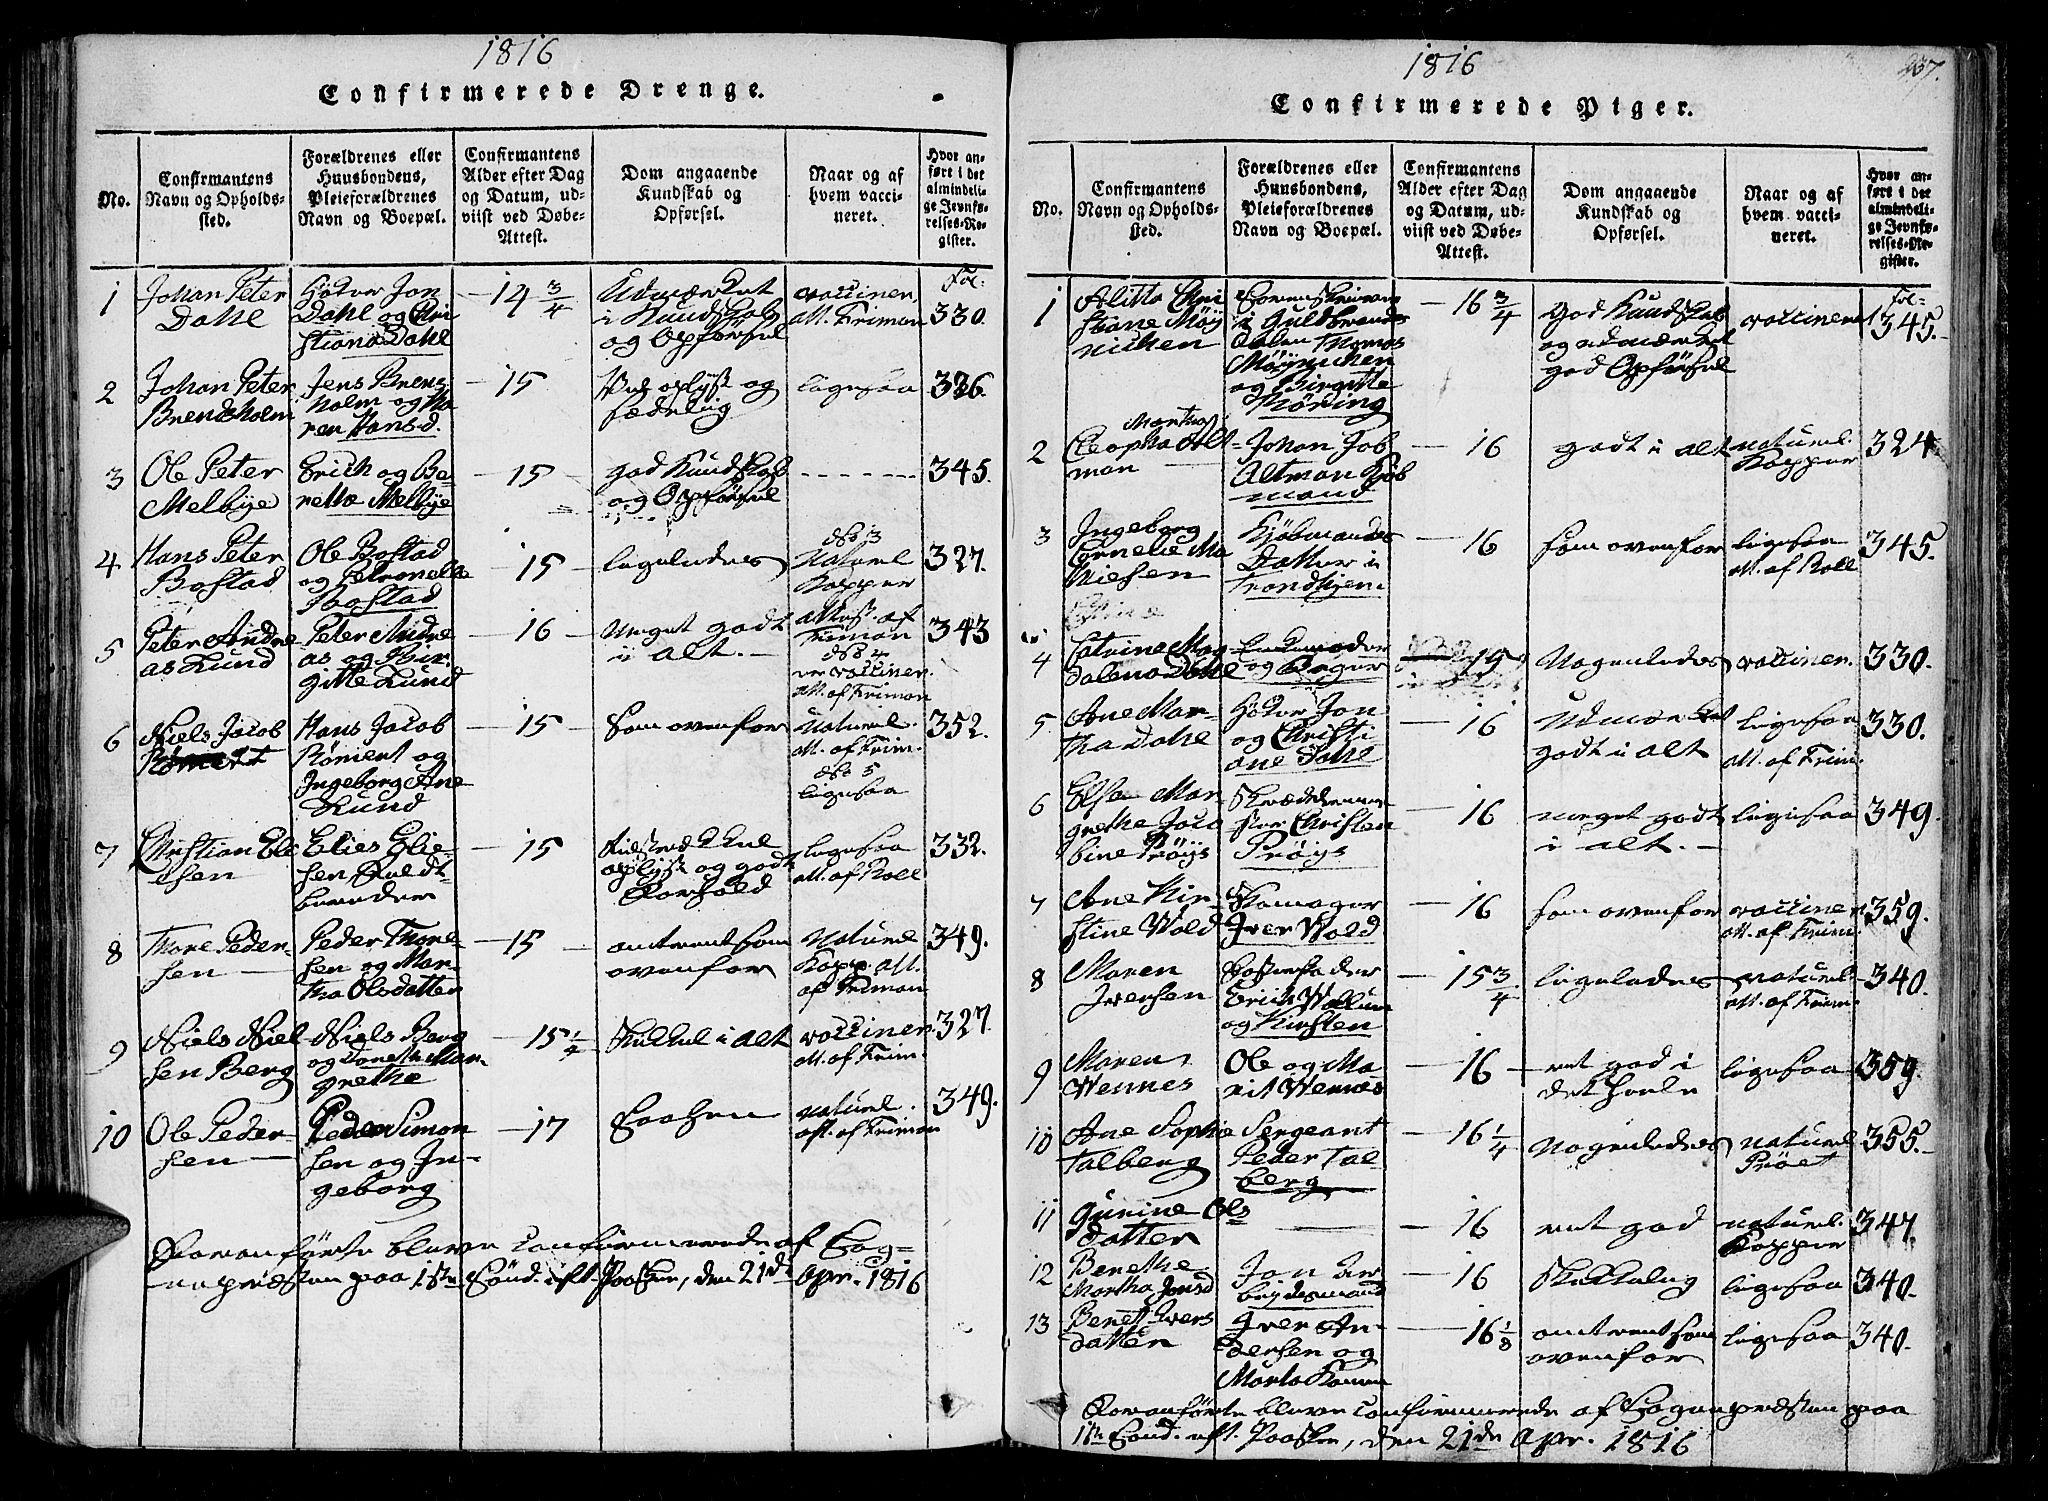 SAT, Ministerialprotokoller, klokkerbøker og fødselsregistre - Sør-Trøndelag, 602/L0107: Ministerialbok nr. 602A05, 1815-1821, s. 237